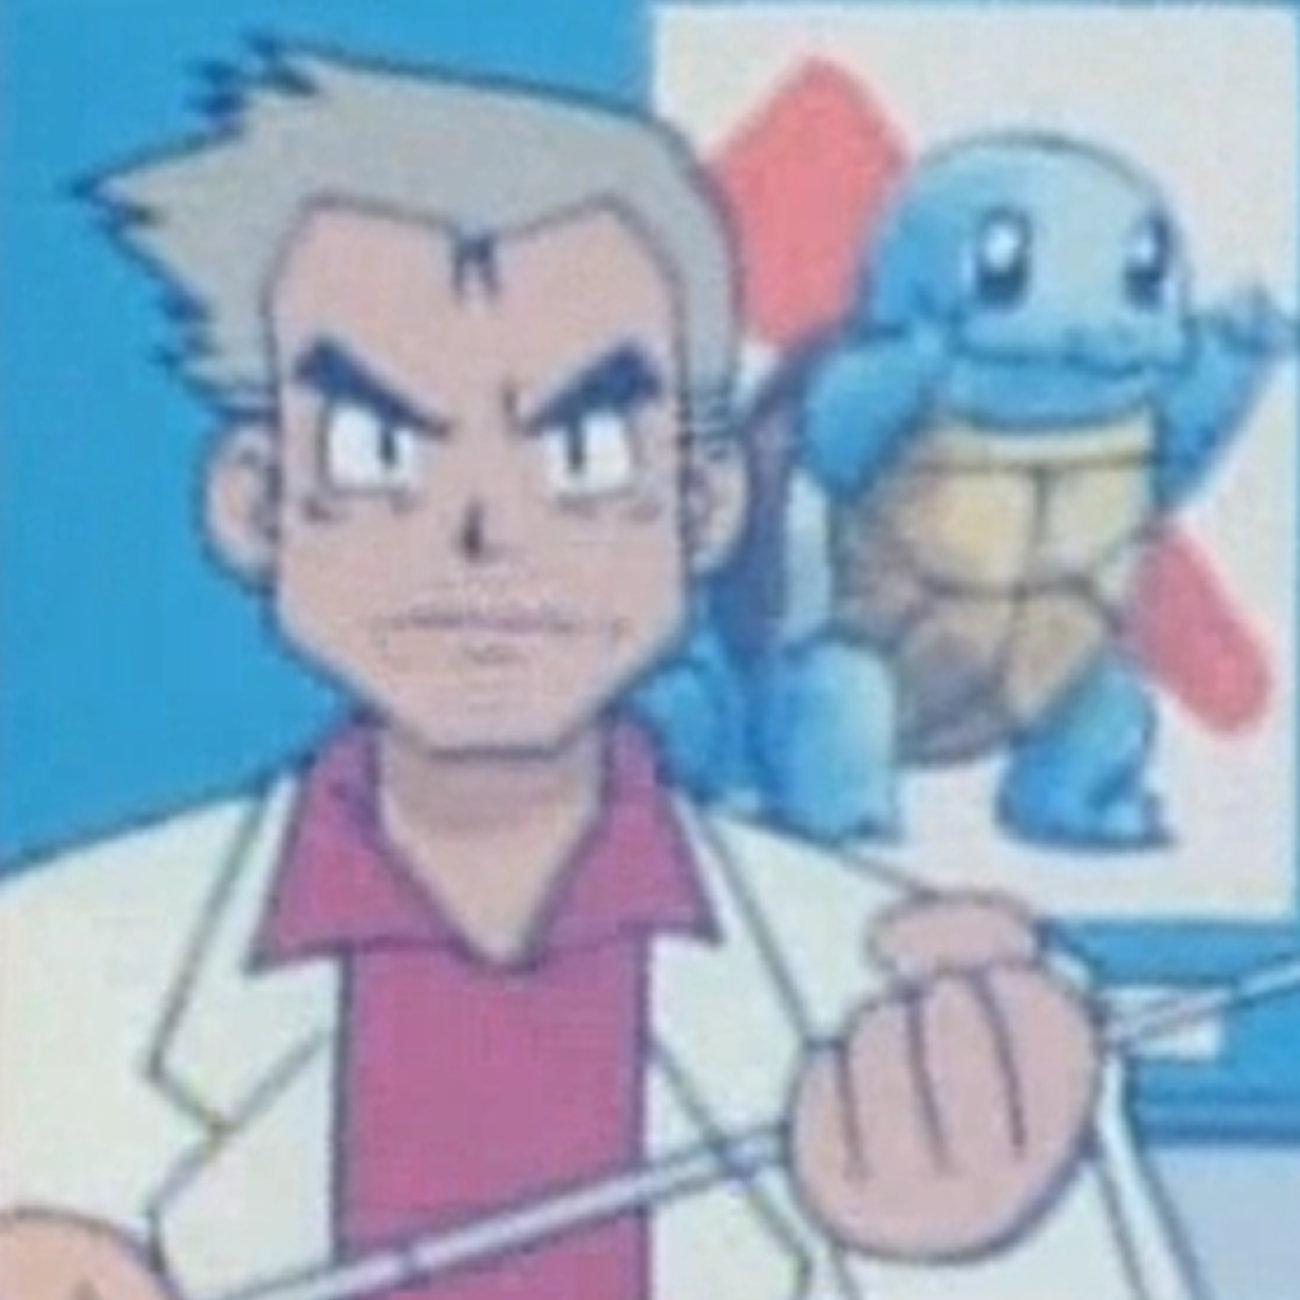 オーキド博士、後任は未定。石塚運昇さん最後ポケモン出演